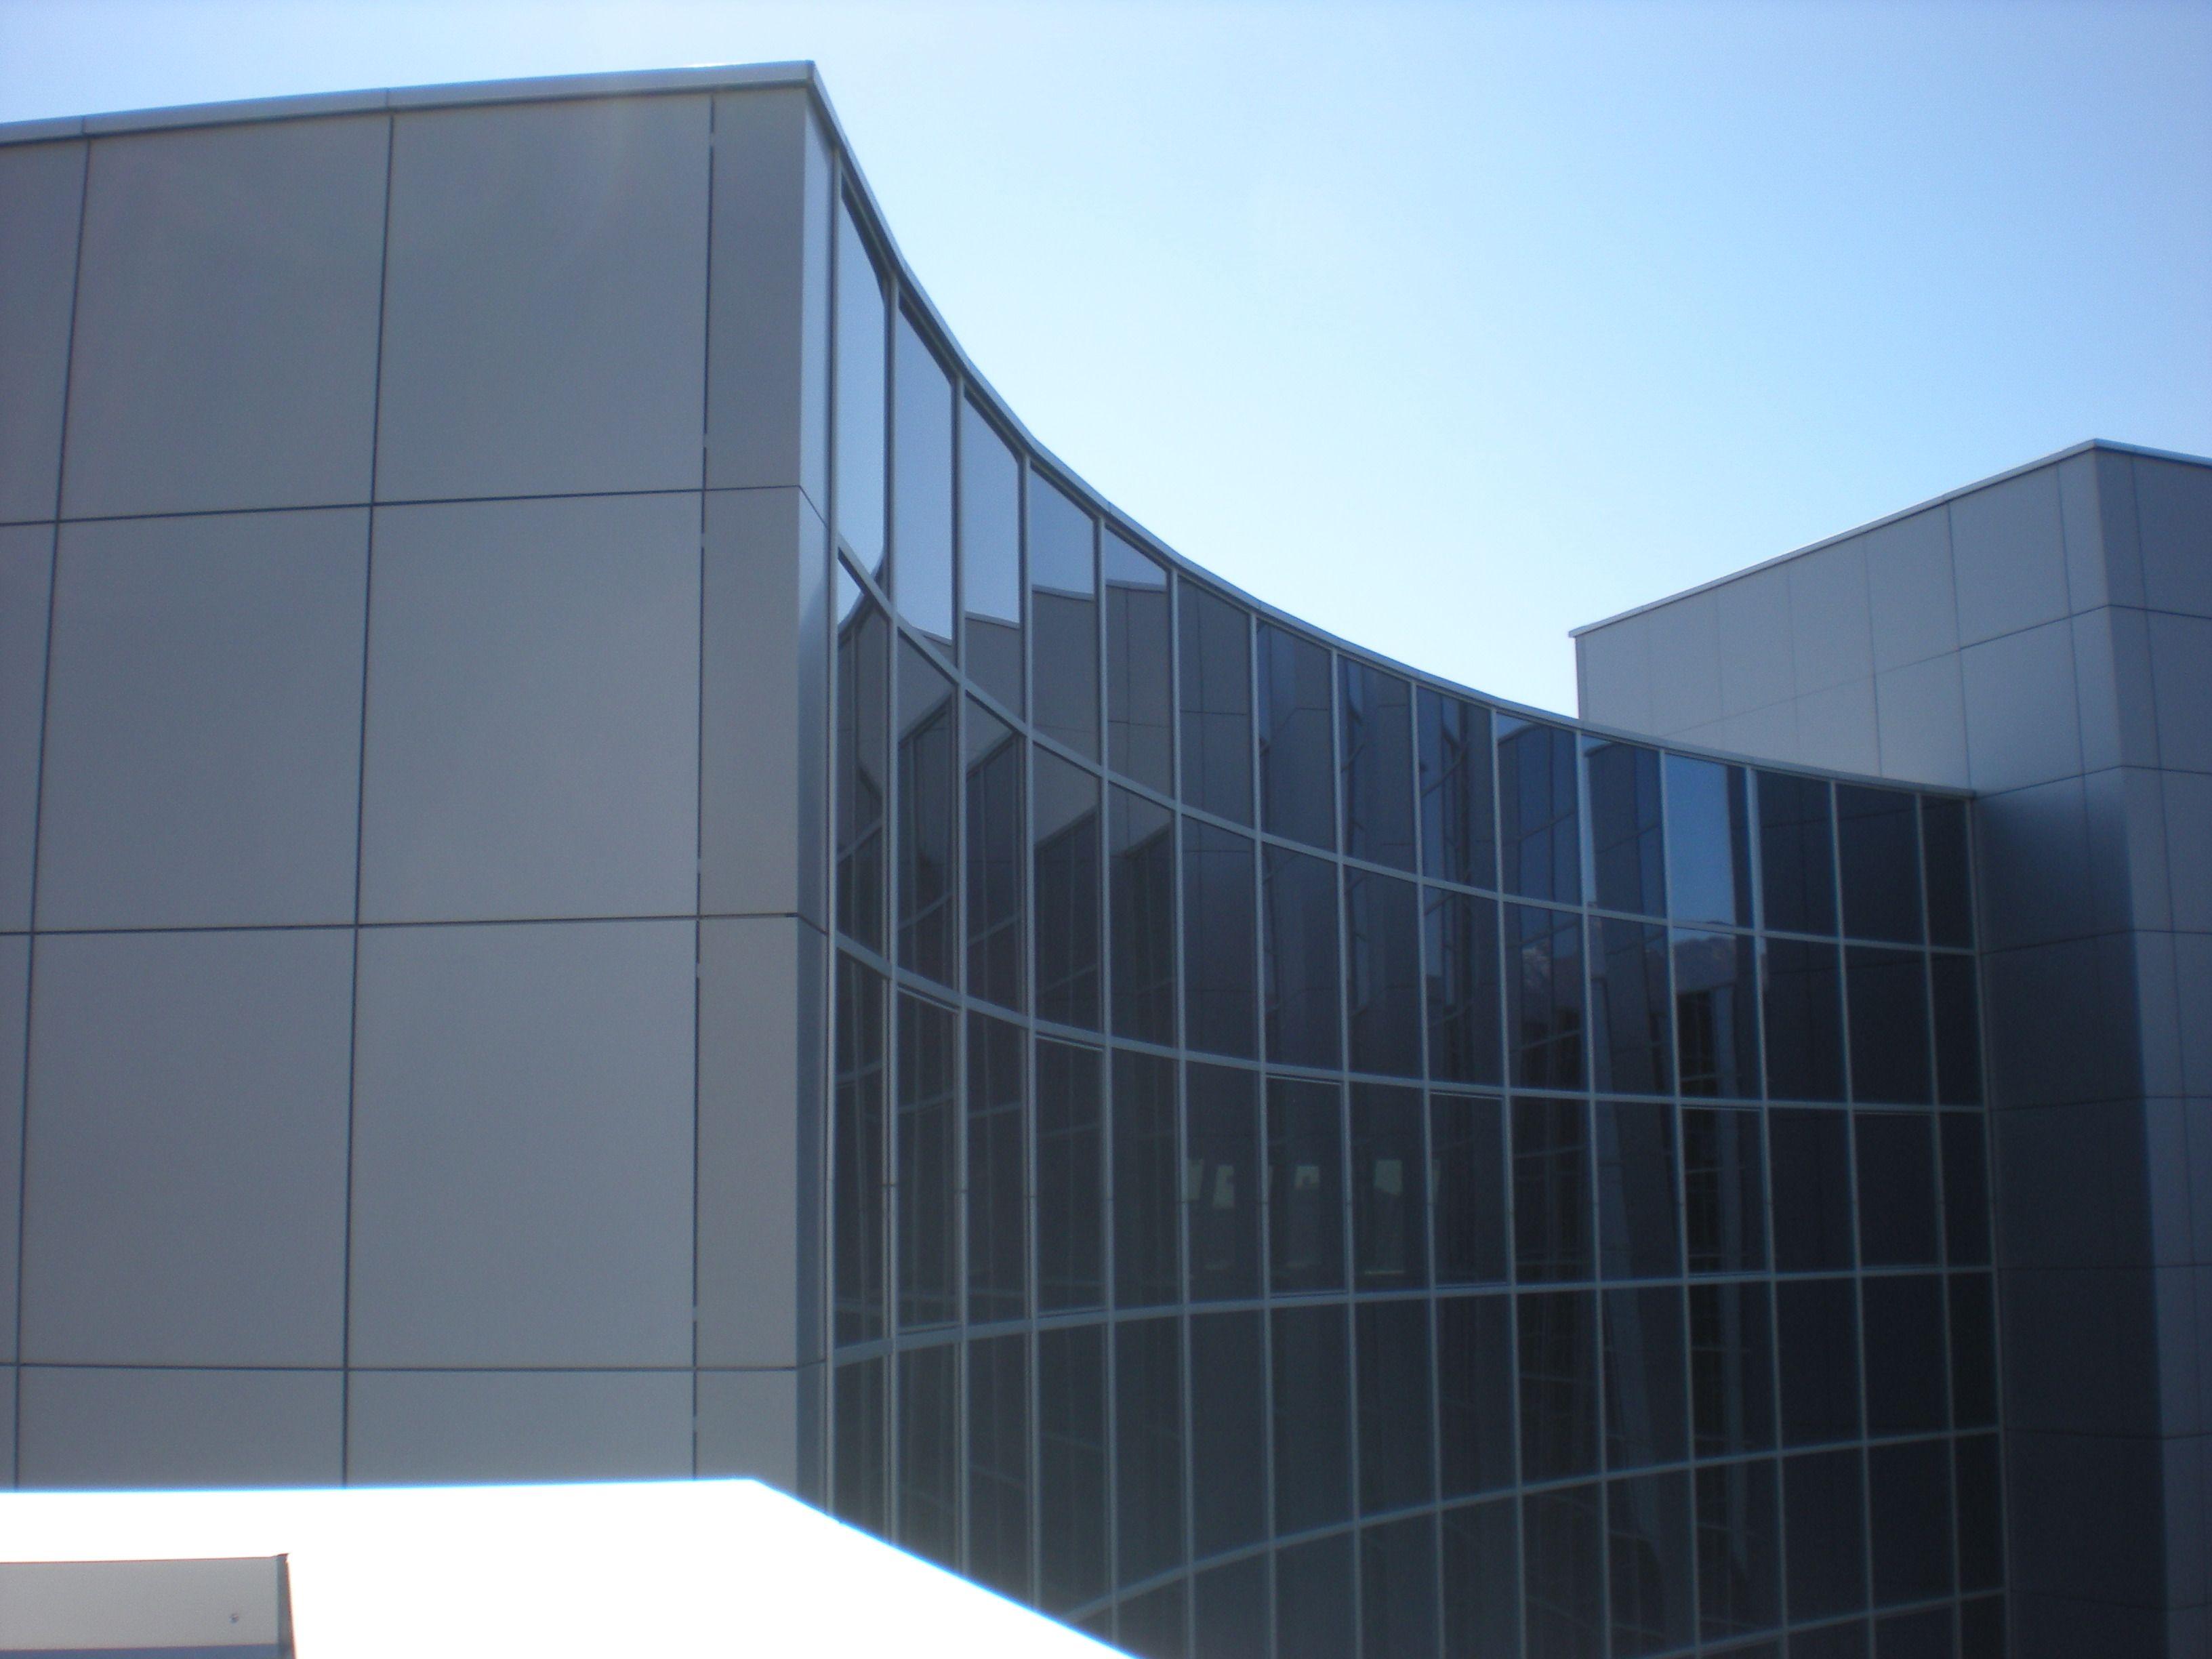 aluminum composite panel cladding